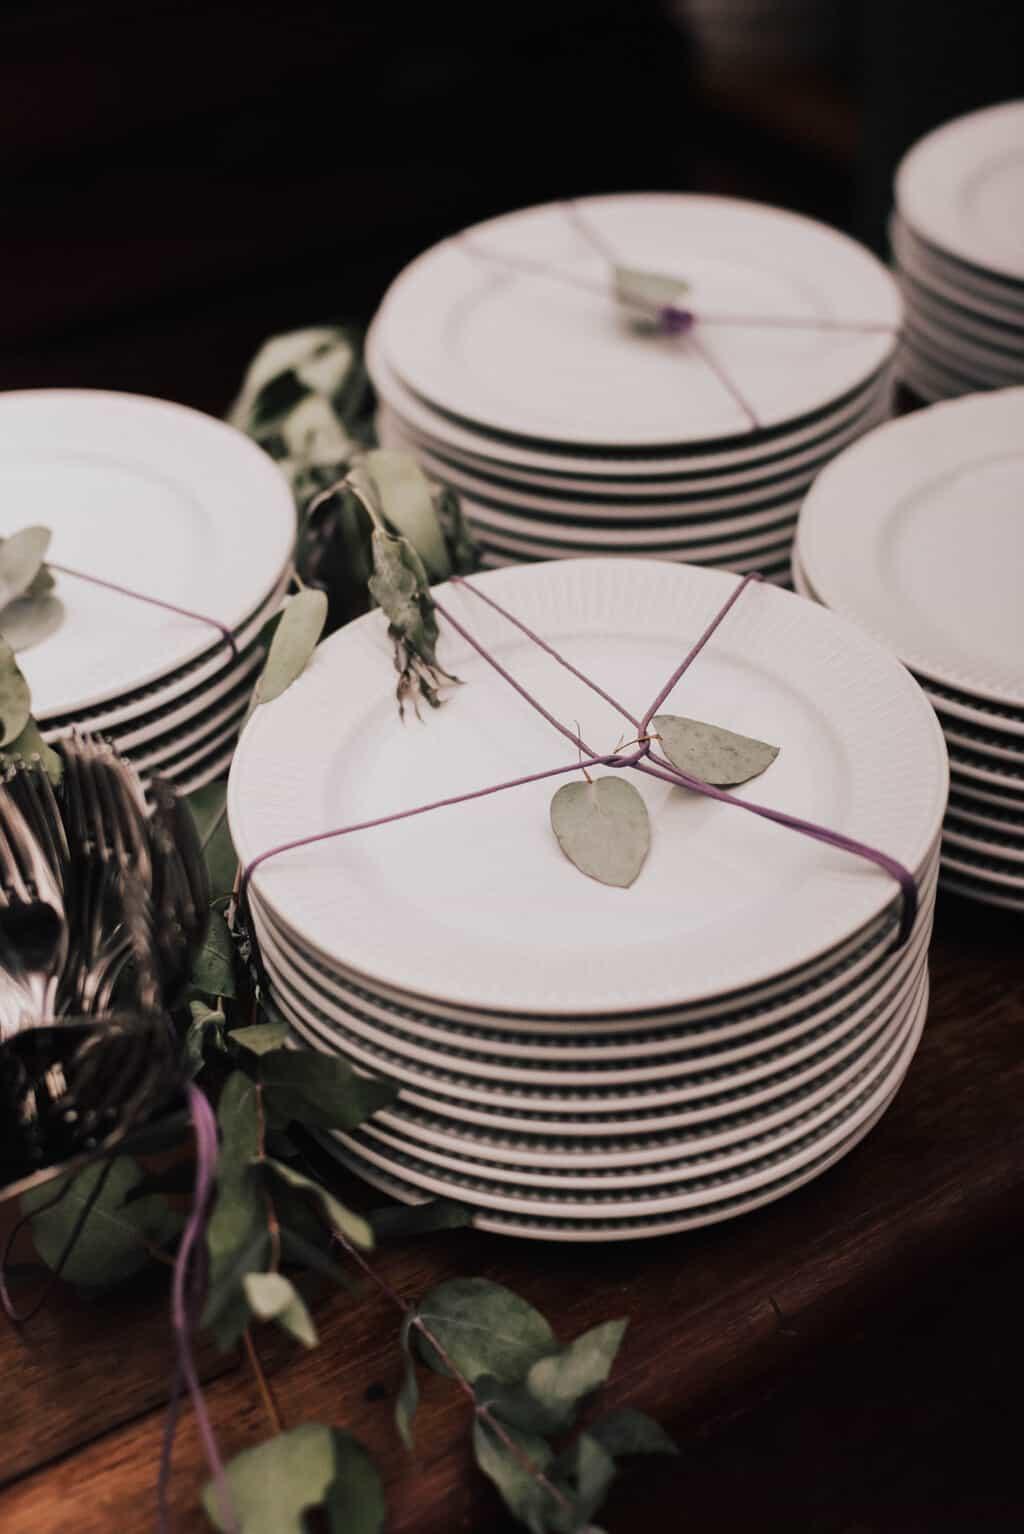 casamento-Maitê-e-Breno-decor-contemporanea-decoracao-branca-com-verde-Fotografia-Mana-Gollo-Hotel-Timbó-Park26